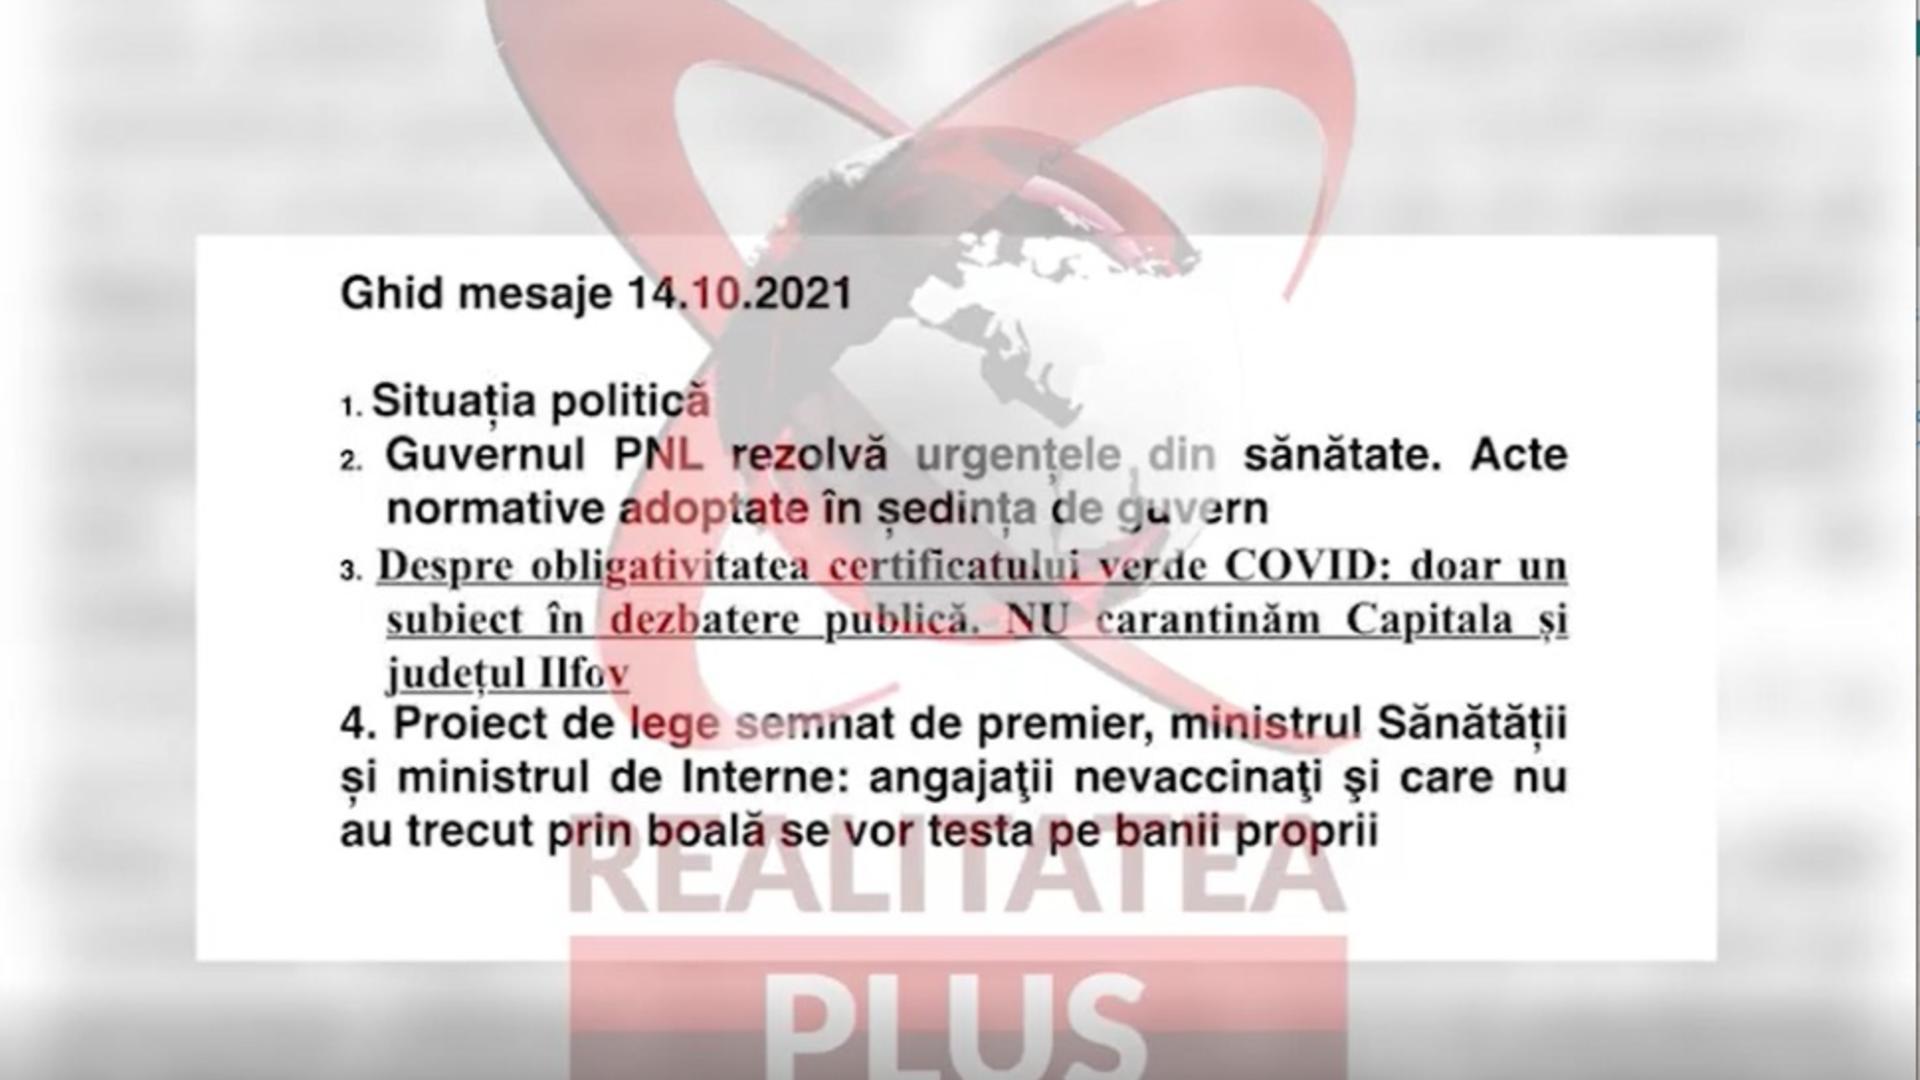 Punctaje PNL, transmise pentru liberali, în apariții TV